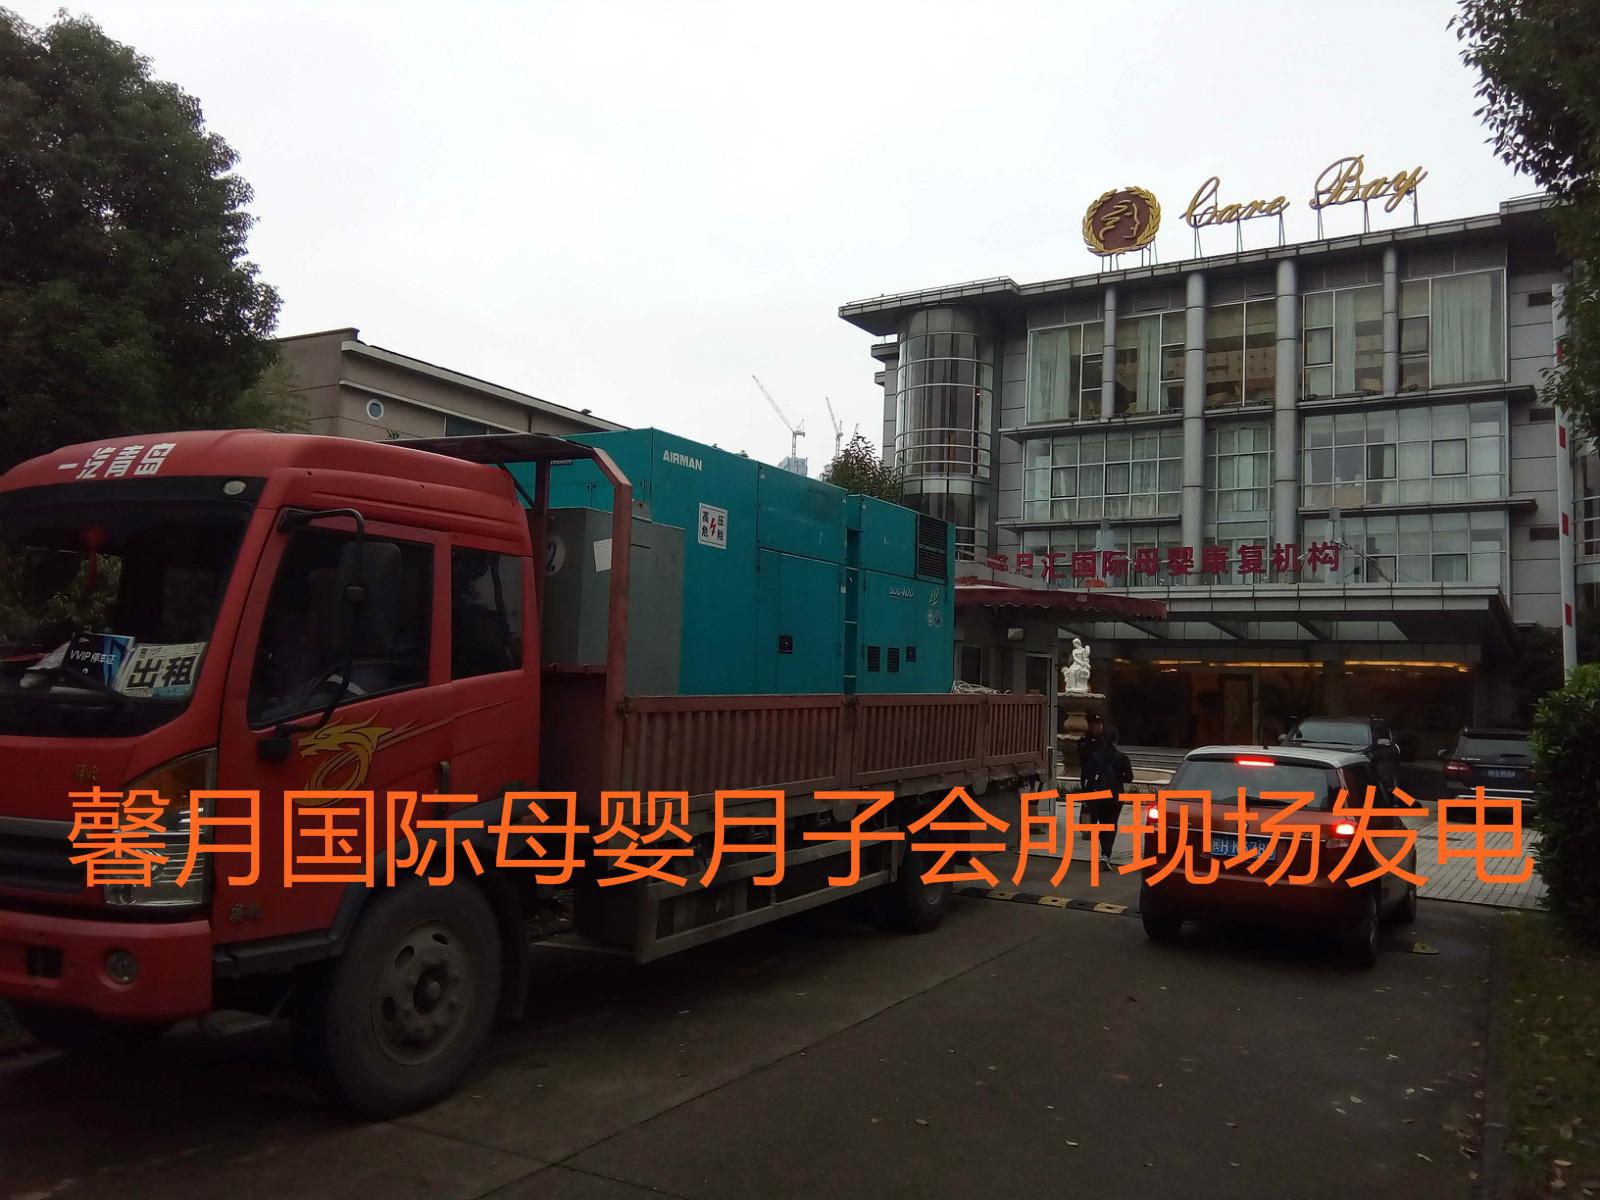 北京剧组发电车出租公司进口静音 价格低24小时服务电话:15021931585 郭先生